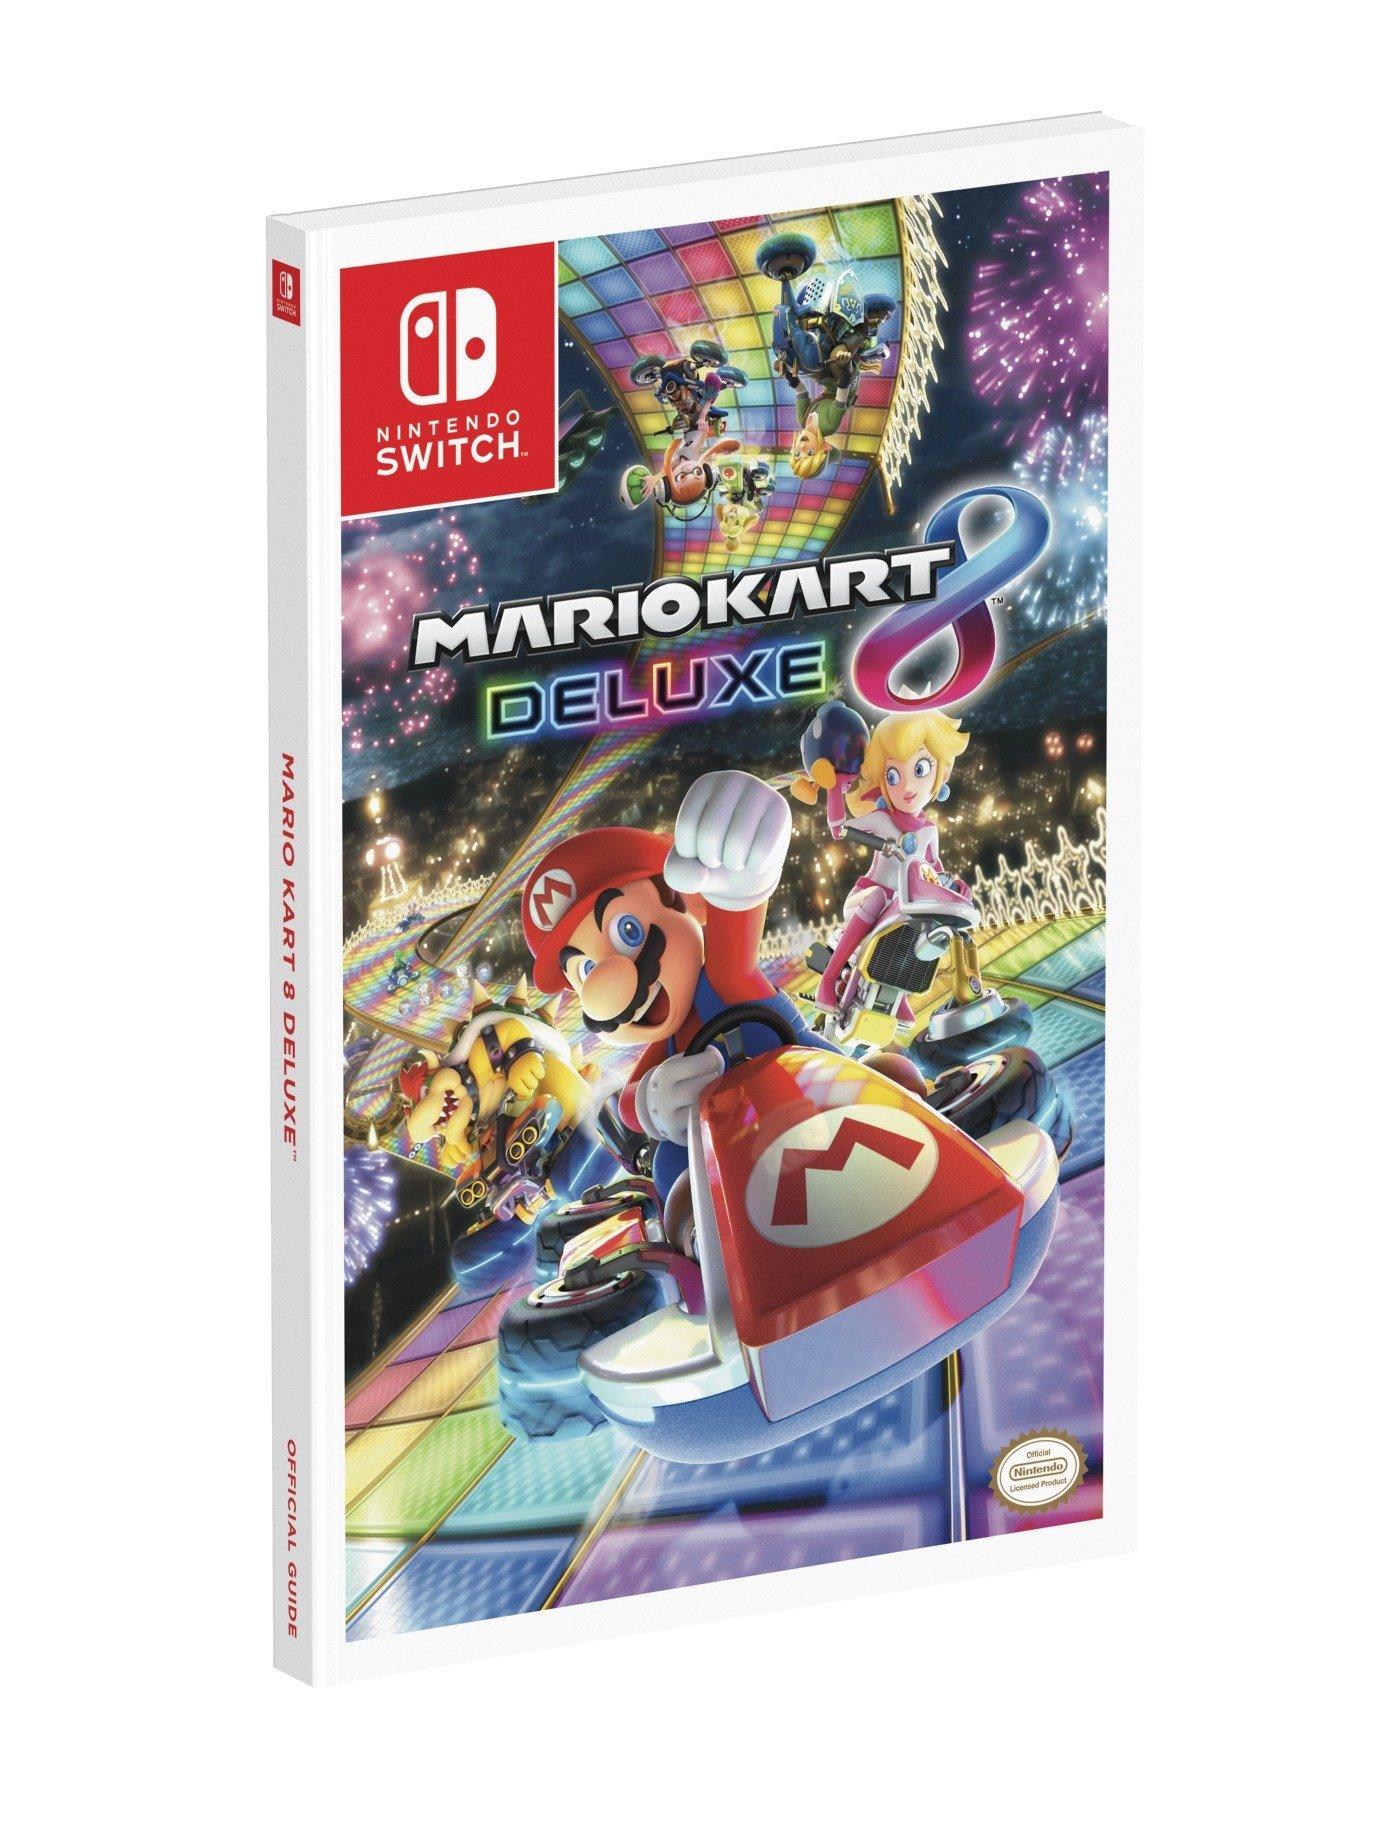 Mario Kart 8 Deluxe: Prima Official Guide: Amazon.es: Epstein, Joseph, Rocha, Garitt, Musa, Alex: Libros en idiomas extranjeros